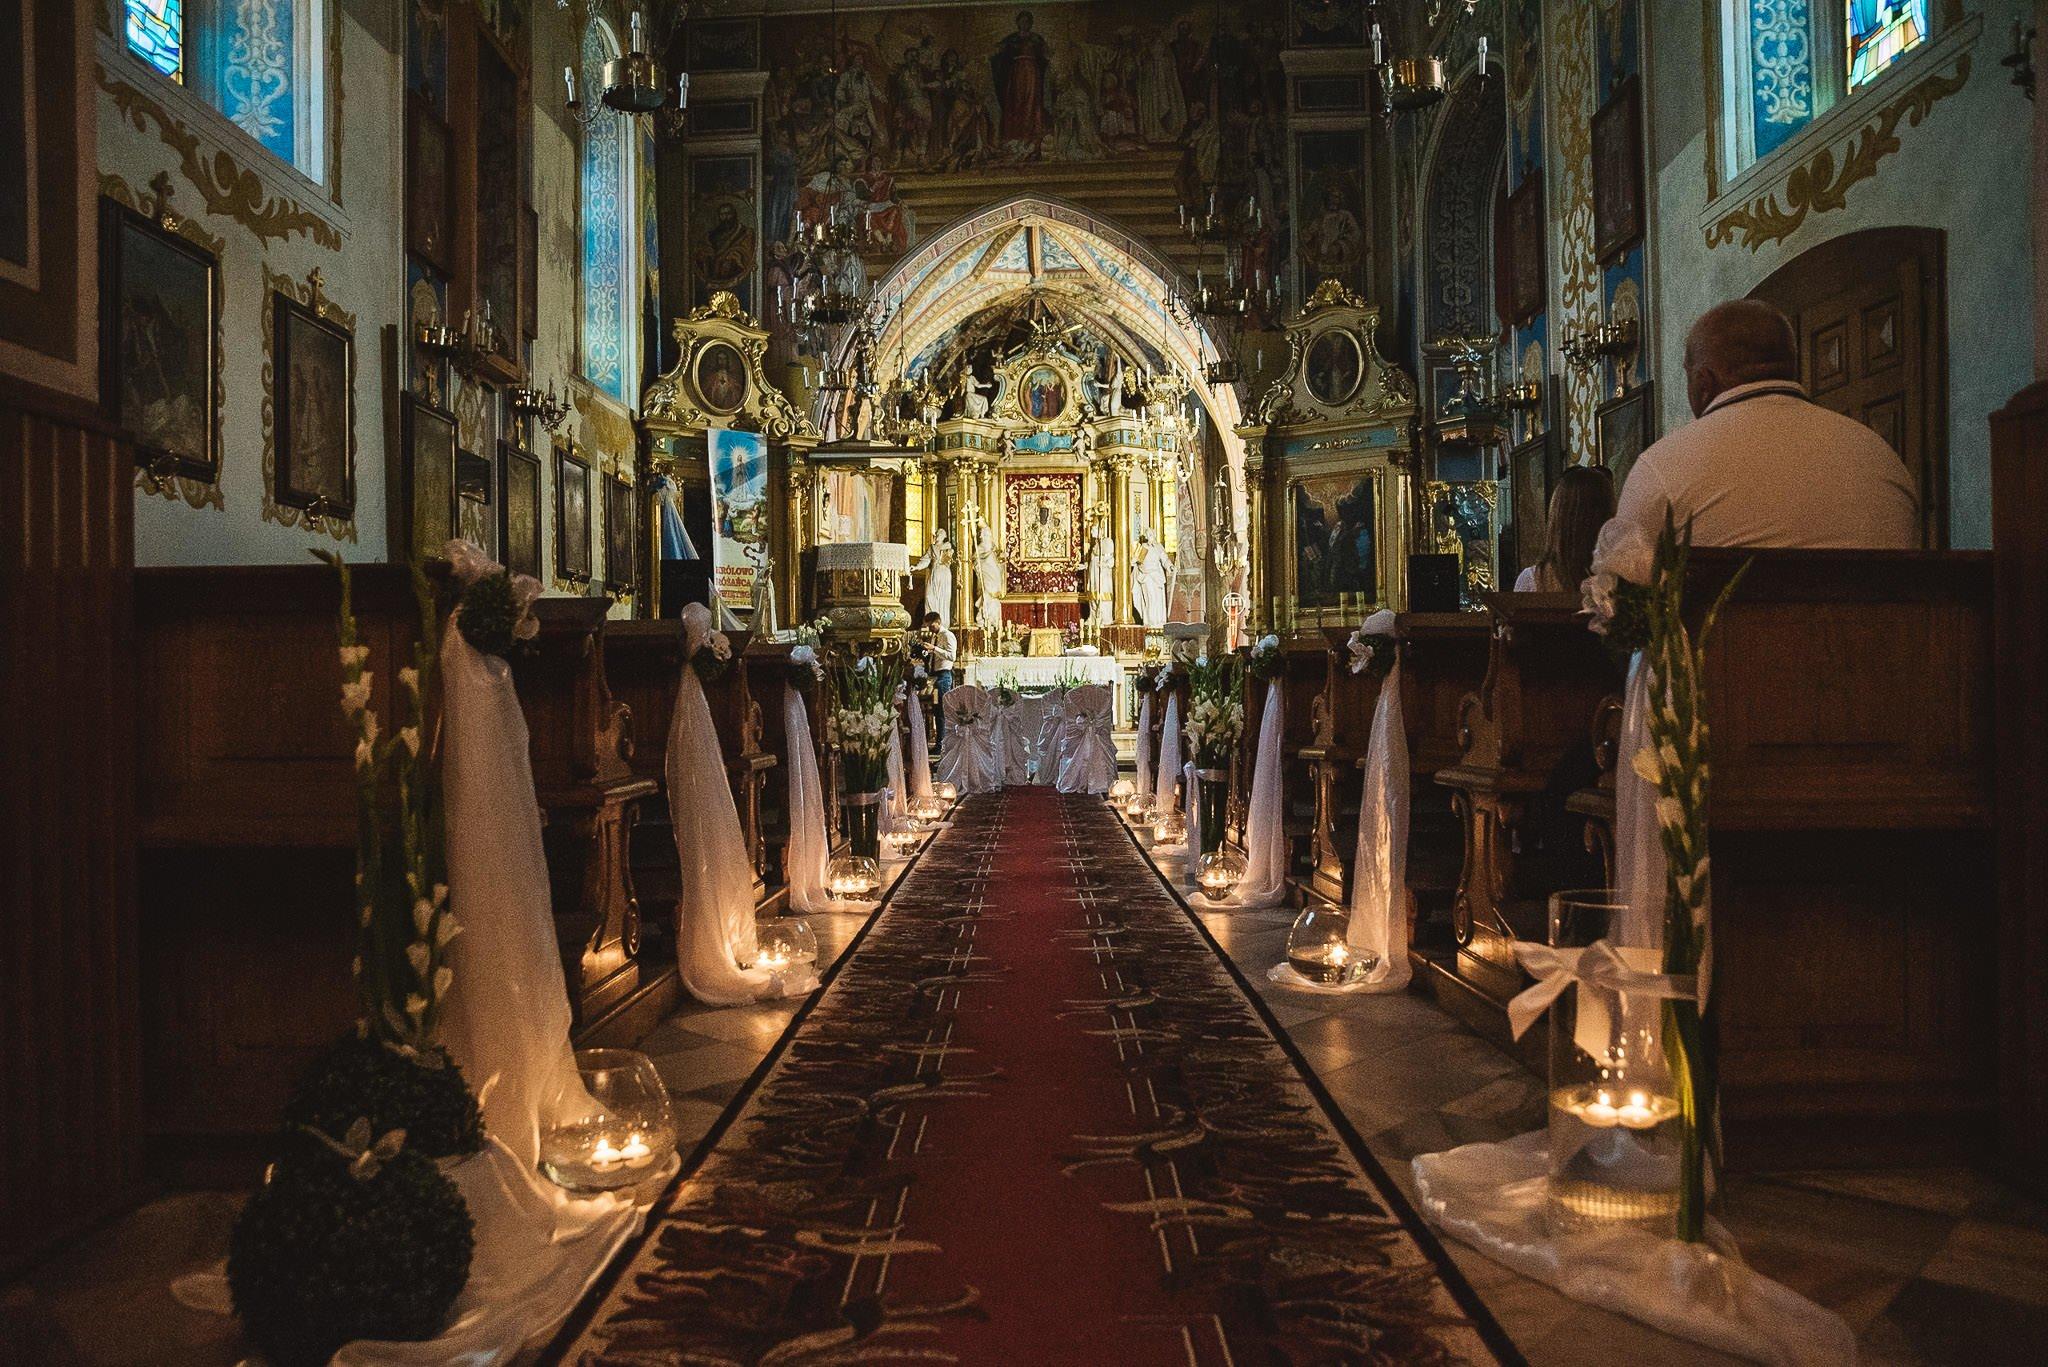 Monika i Michał, wesele w Paryżu i sesja plenerowa w stadninie koni w Czołowie 72